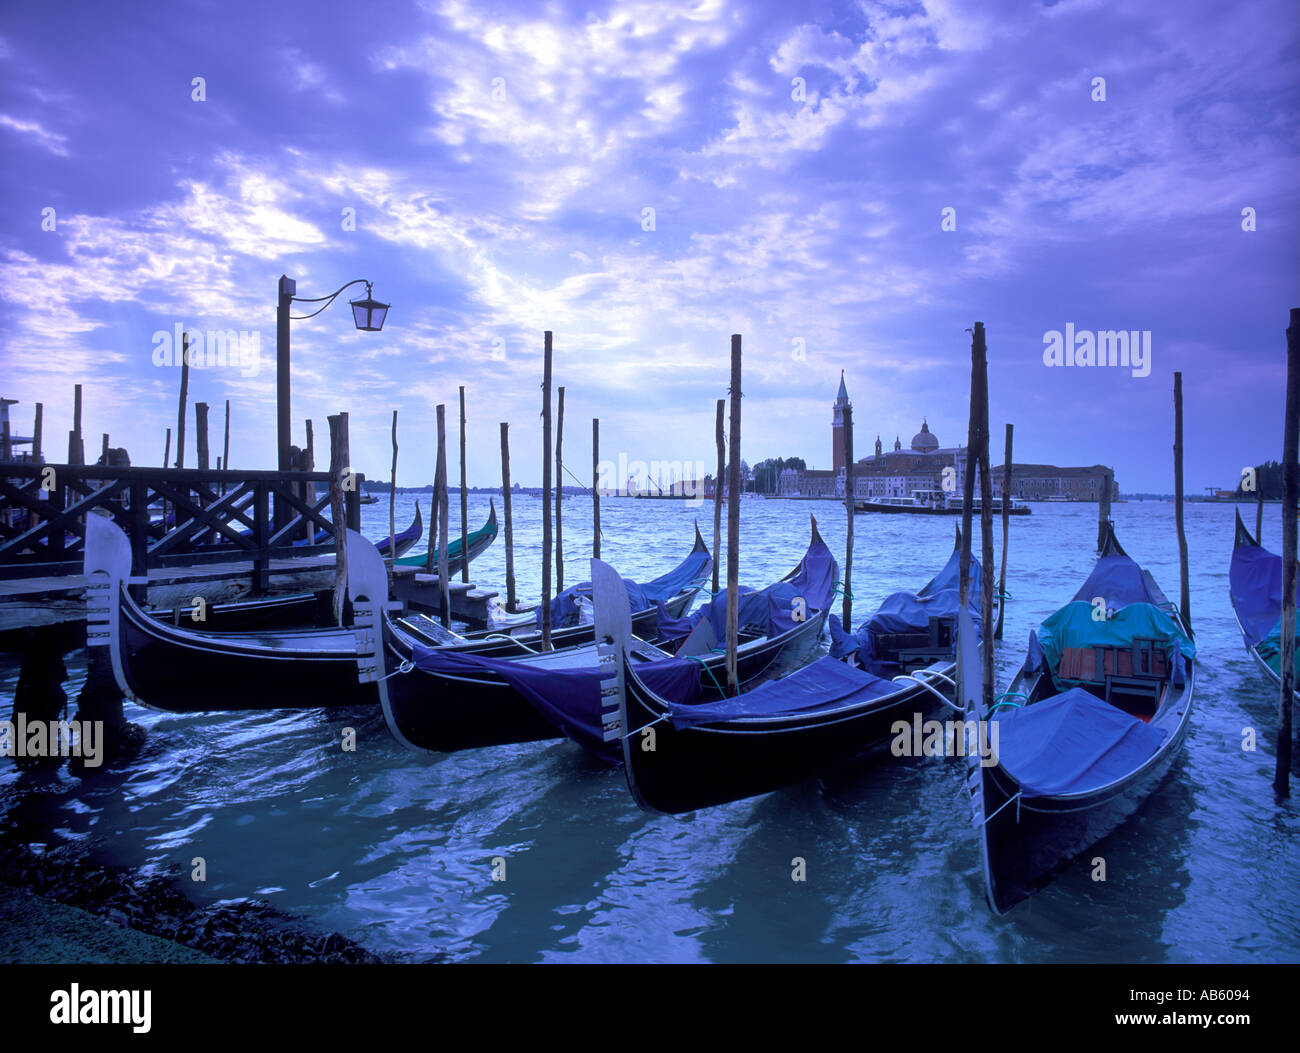 Italien, Venetien, Venedig, San Giorgio Maggiore Kirche über Basino di San Marco, Gondolas Stockfoto